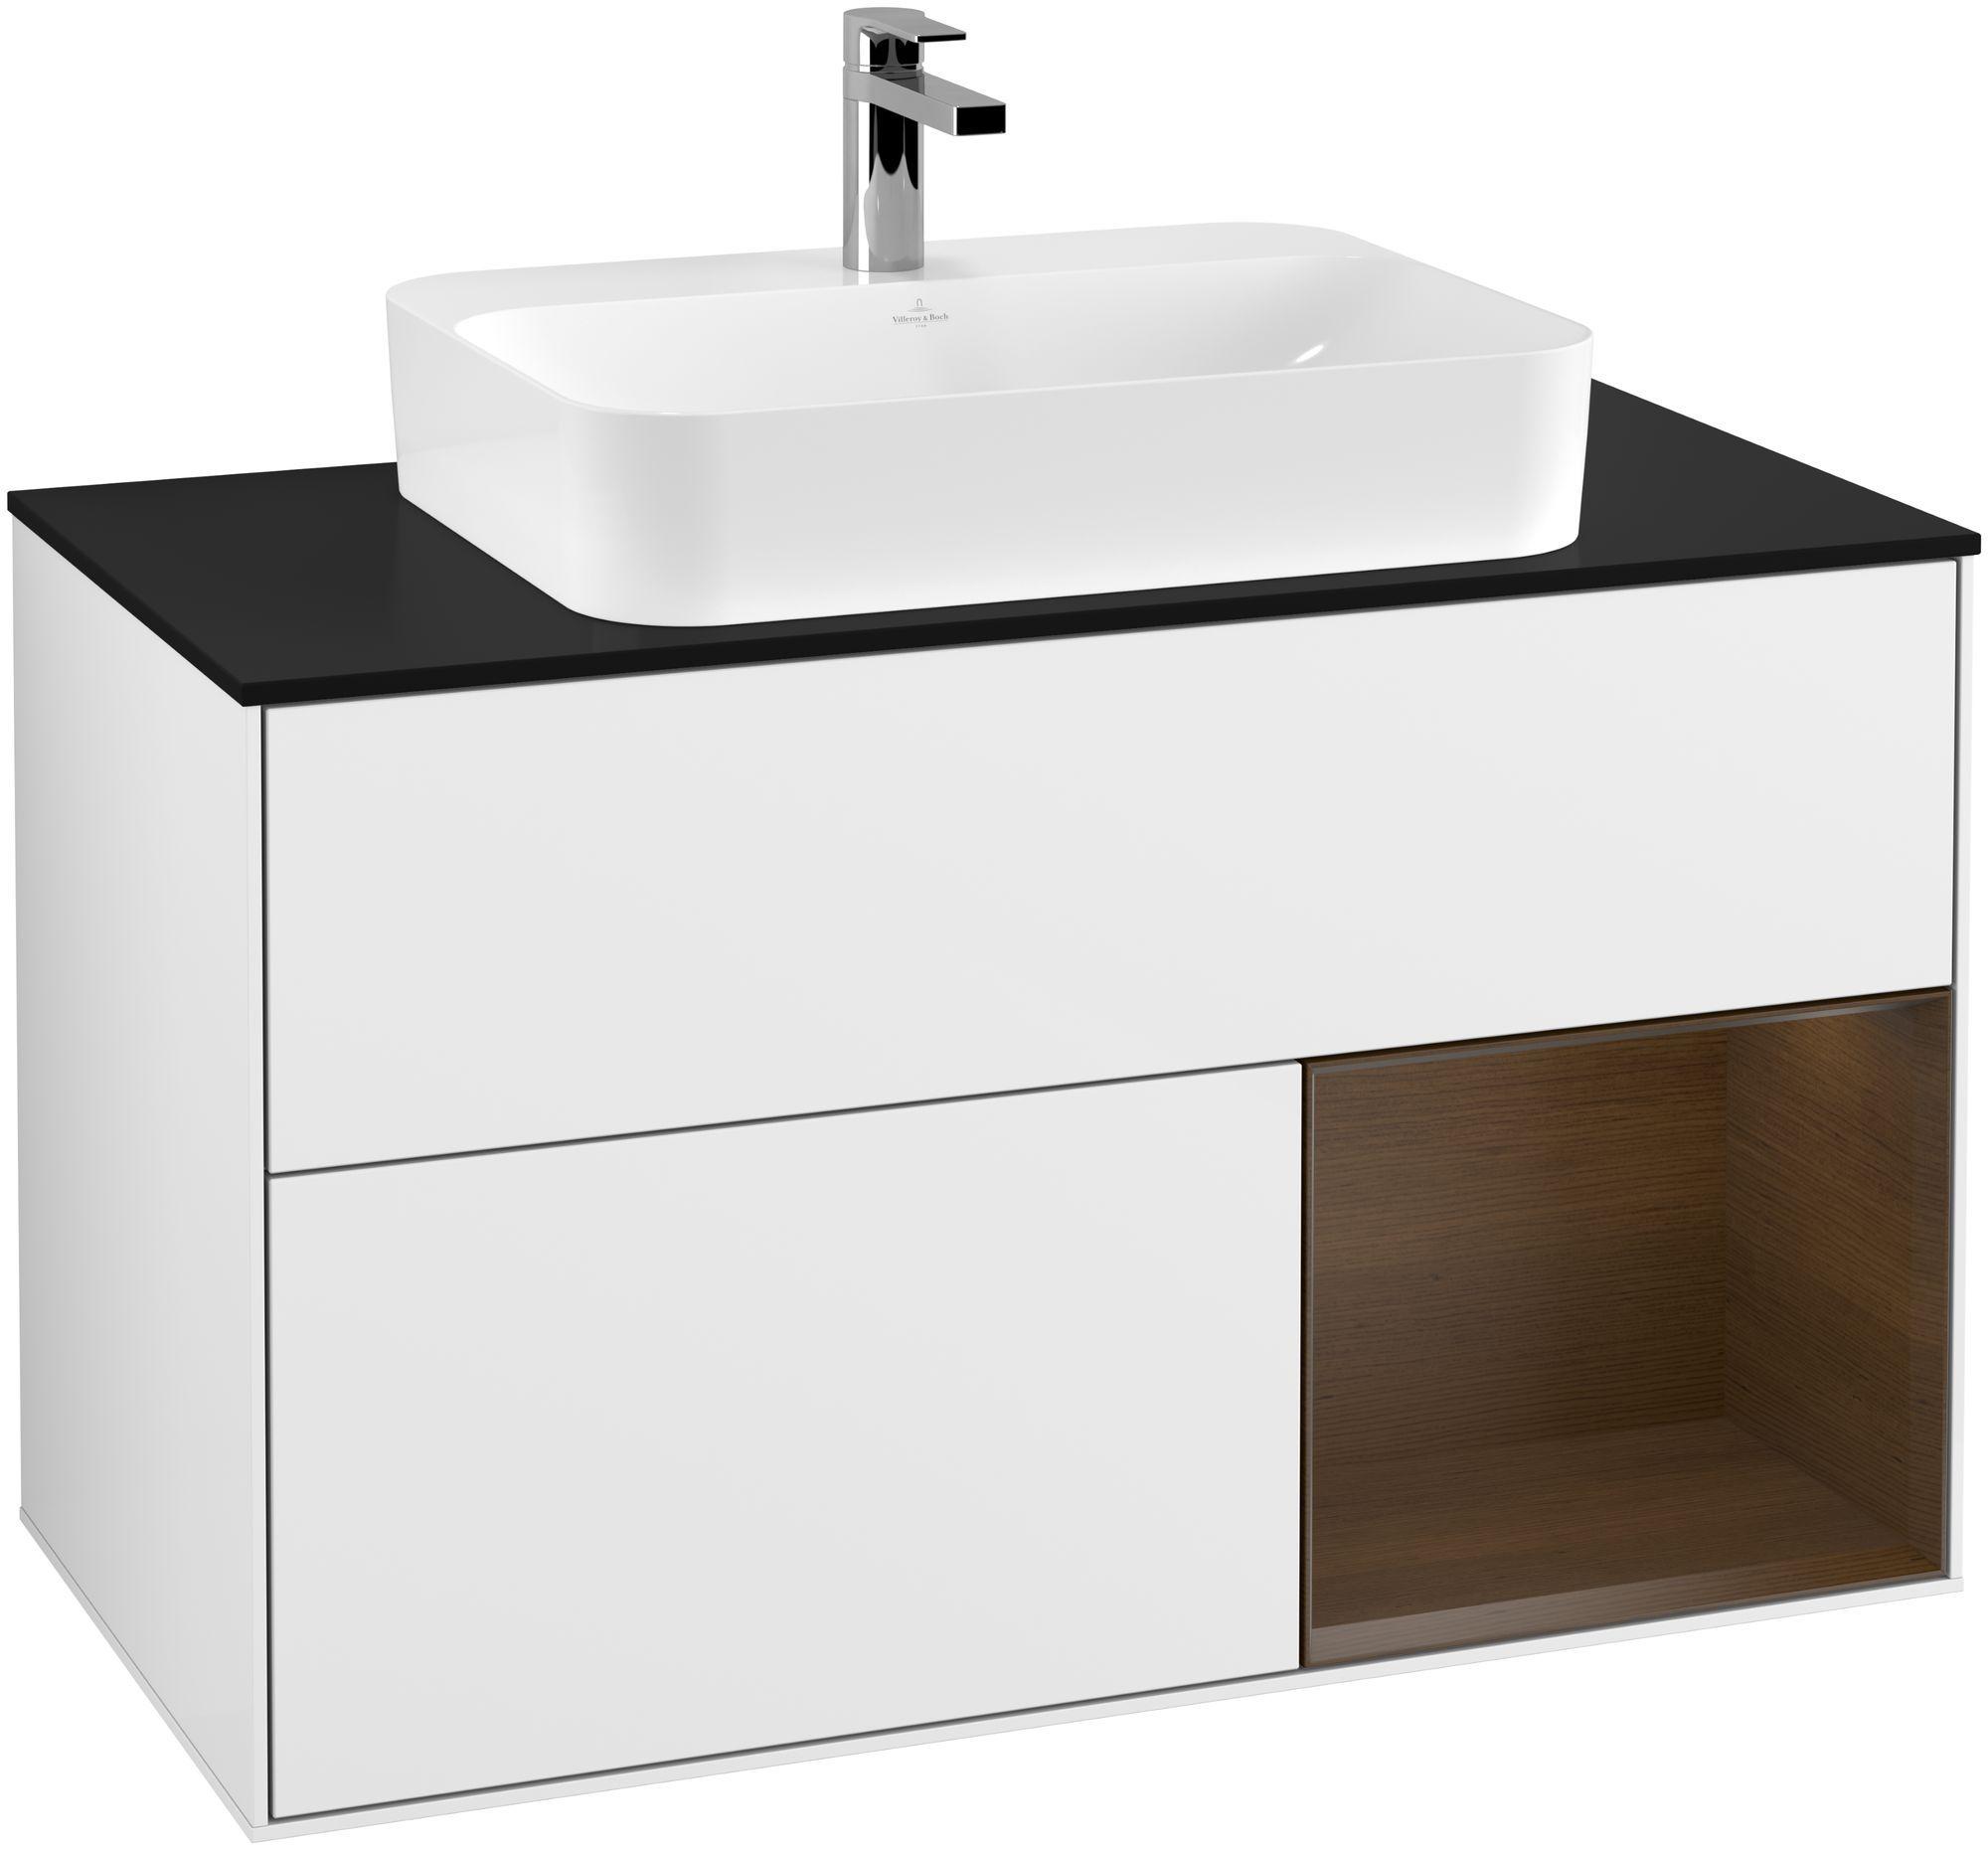 Villeroy & Boch Finion F37 Waschtischunterschrank mit Regalelement 2 Auszüge für WT mittig LED-Beleuchtung B:100xH:60,3xT:50,1cm Front, Korpus: Glossy White Lack, Regal: Walnut Veneer, Glasplatte: Black Matt F372GNGF